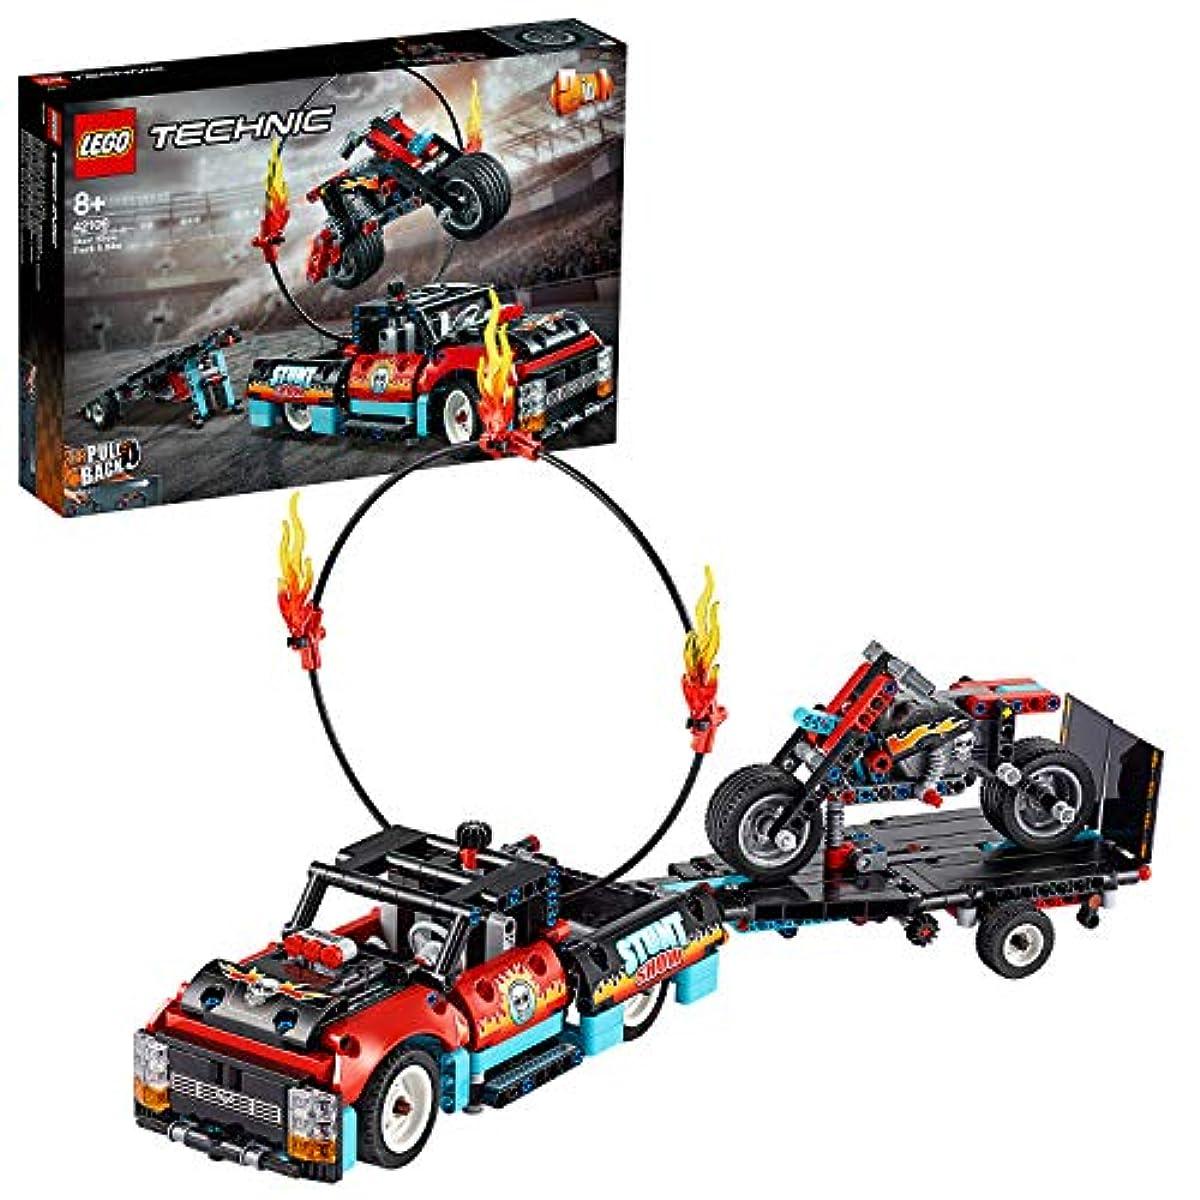 [해외] 레고(LEGO) 테크닉 트랙과 오토바이의 스턴트 쇼 42106